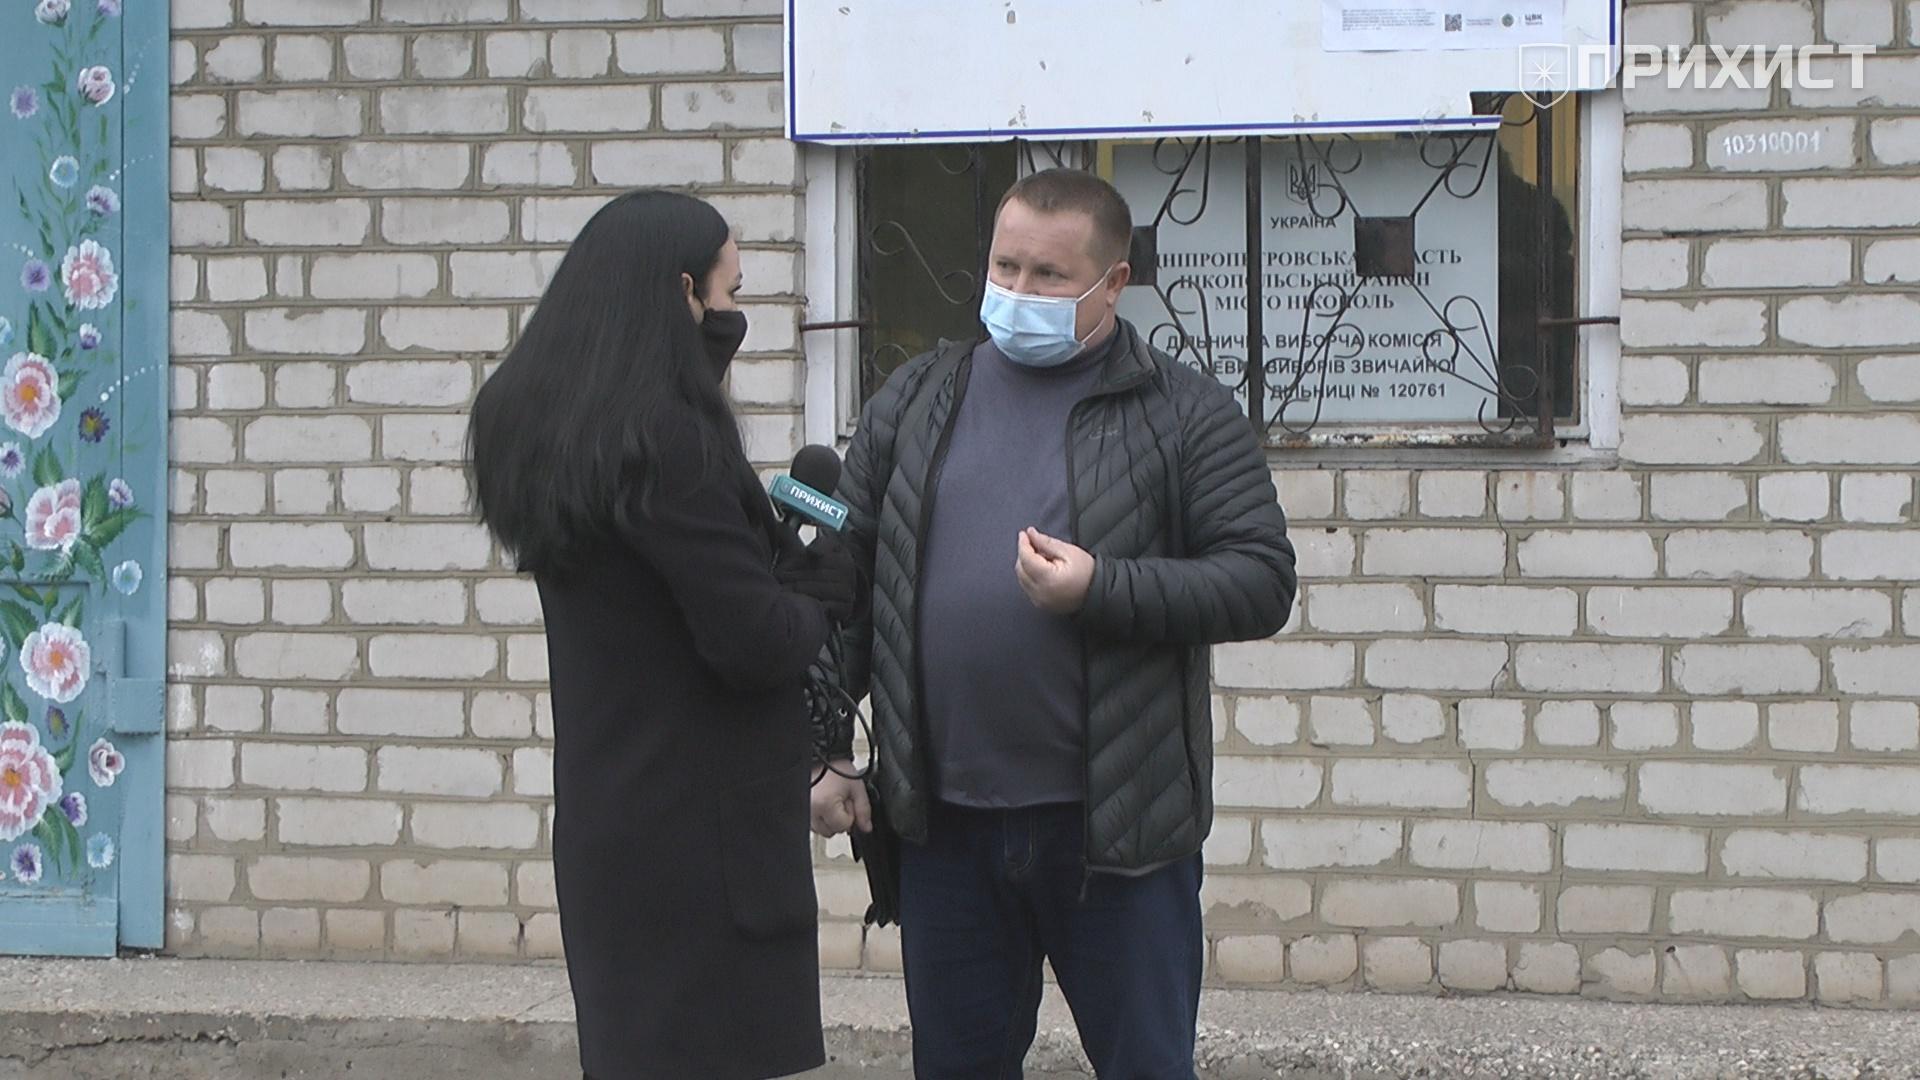 Комментарий Ивана Базылюка о провокациях на поселке Северный | Прихист